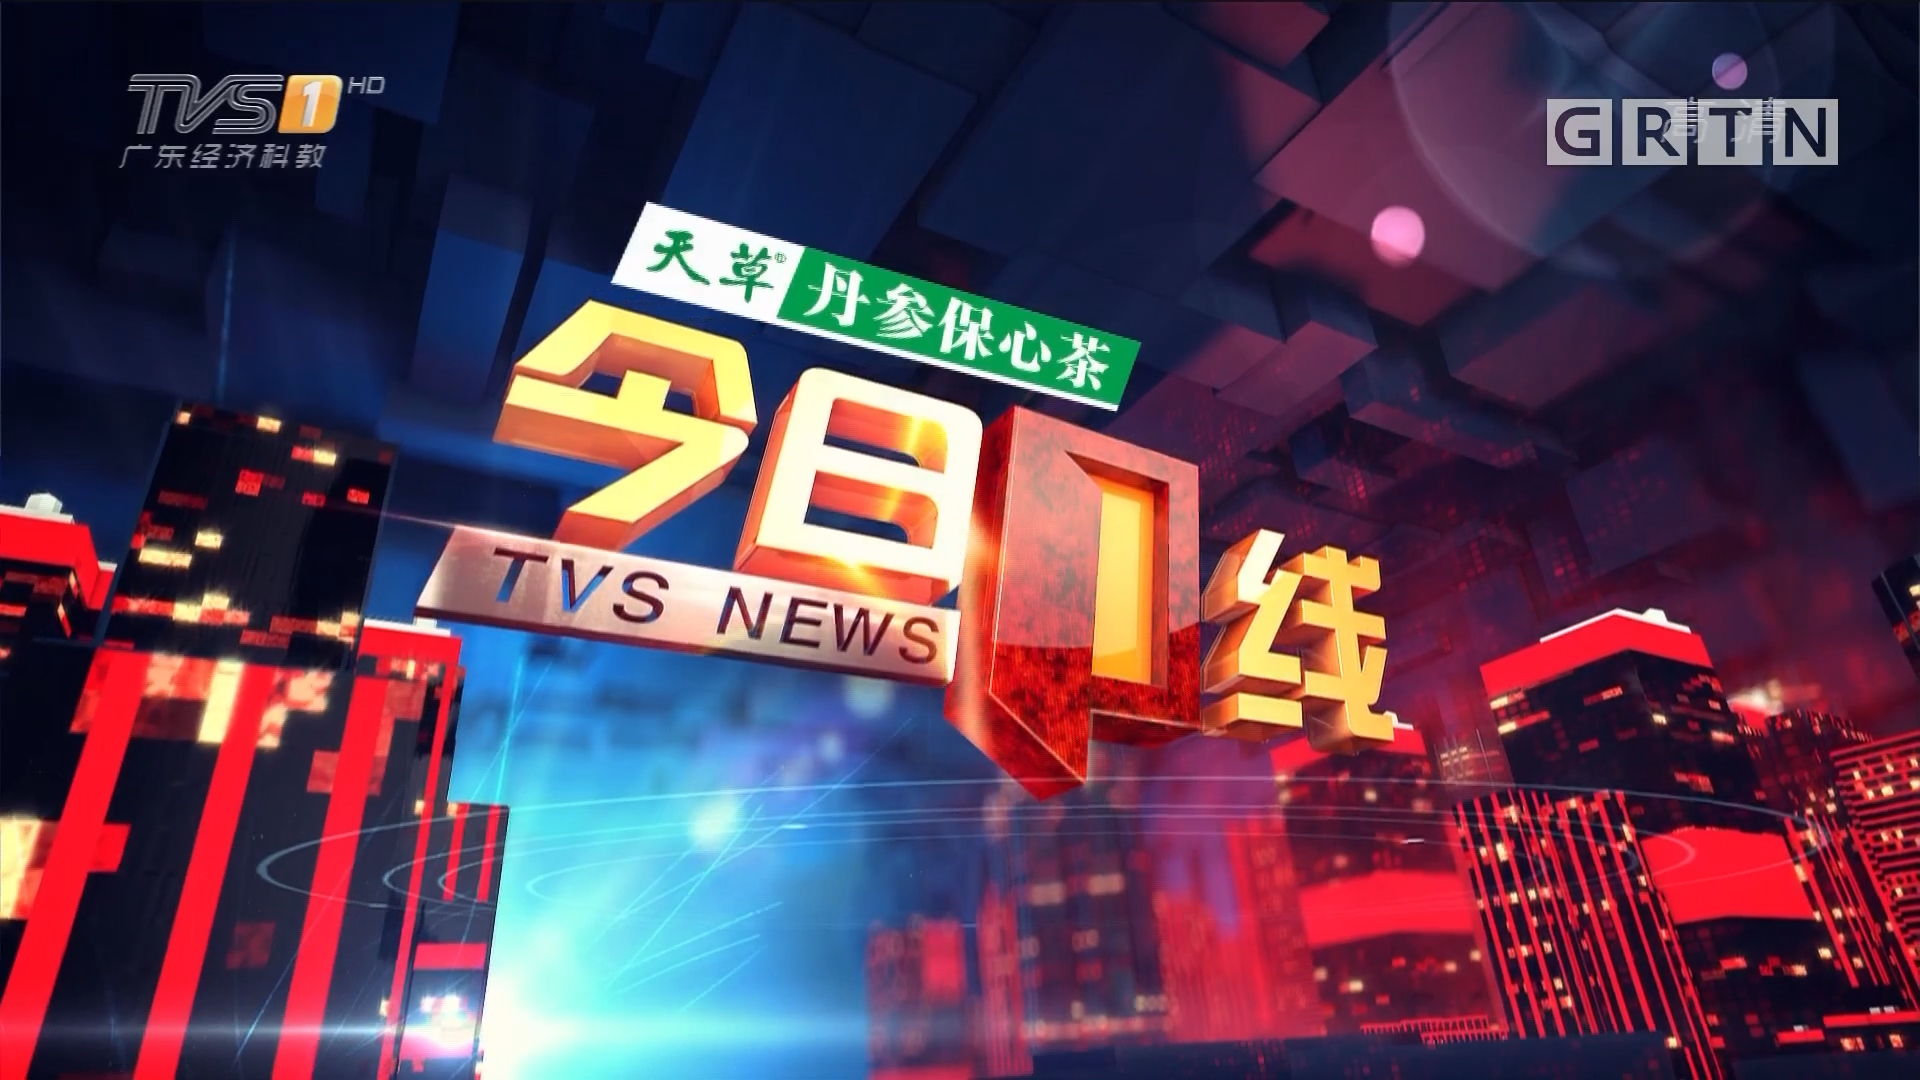 """[HD][2017-09-10]今日一线:第18号台风""""泰利""""生成:""""泰利""""或发展为超强台风影响广东"""